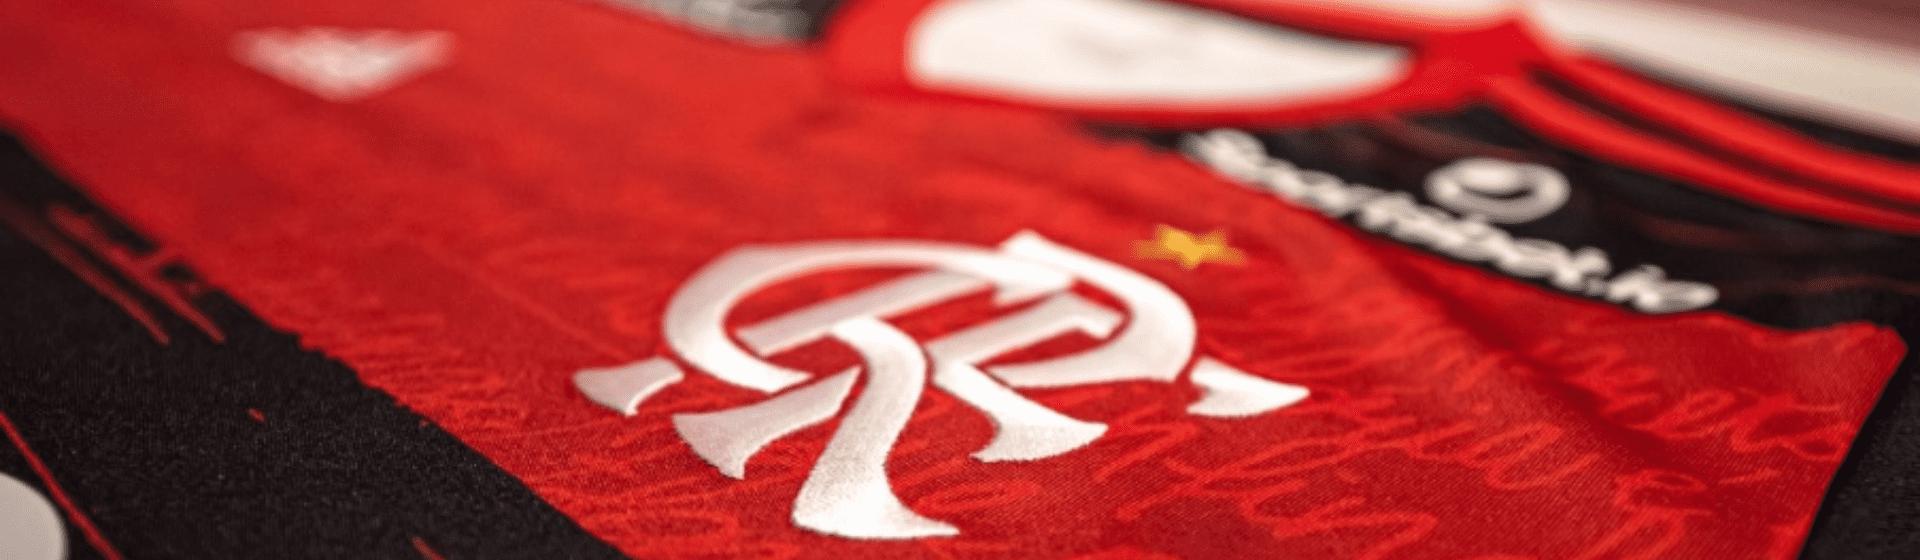 Camisa do Flamengo 2020: confira os 5 lançamentos do ano